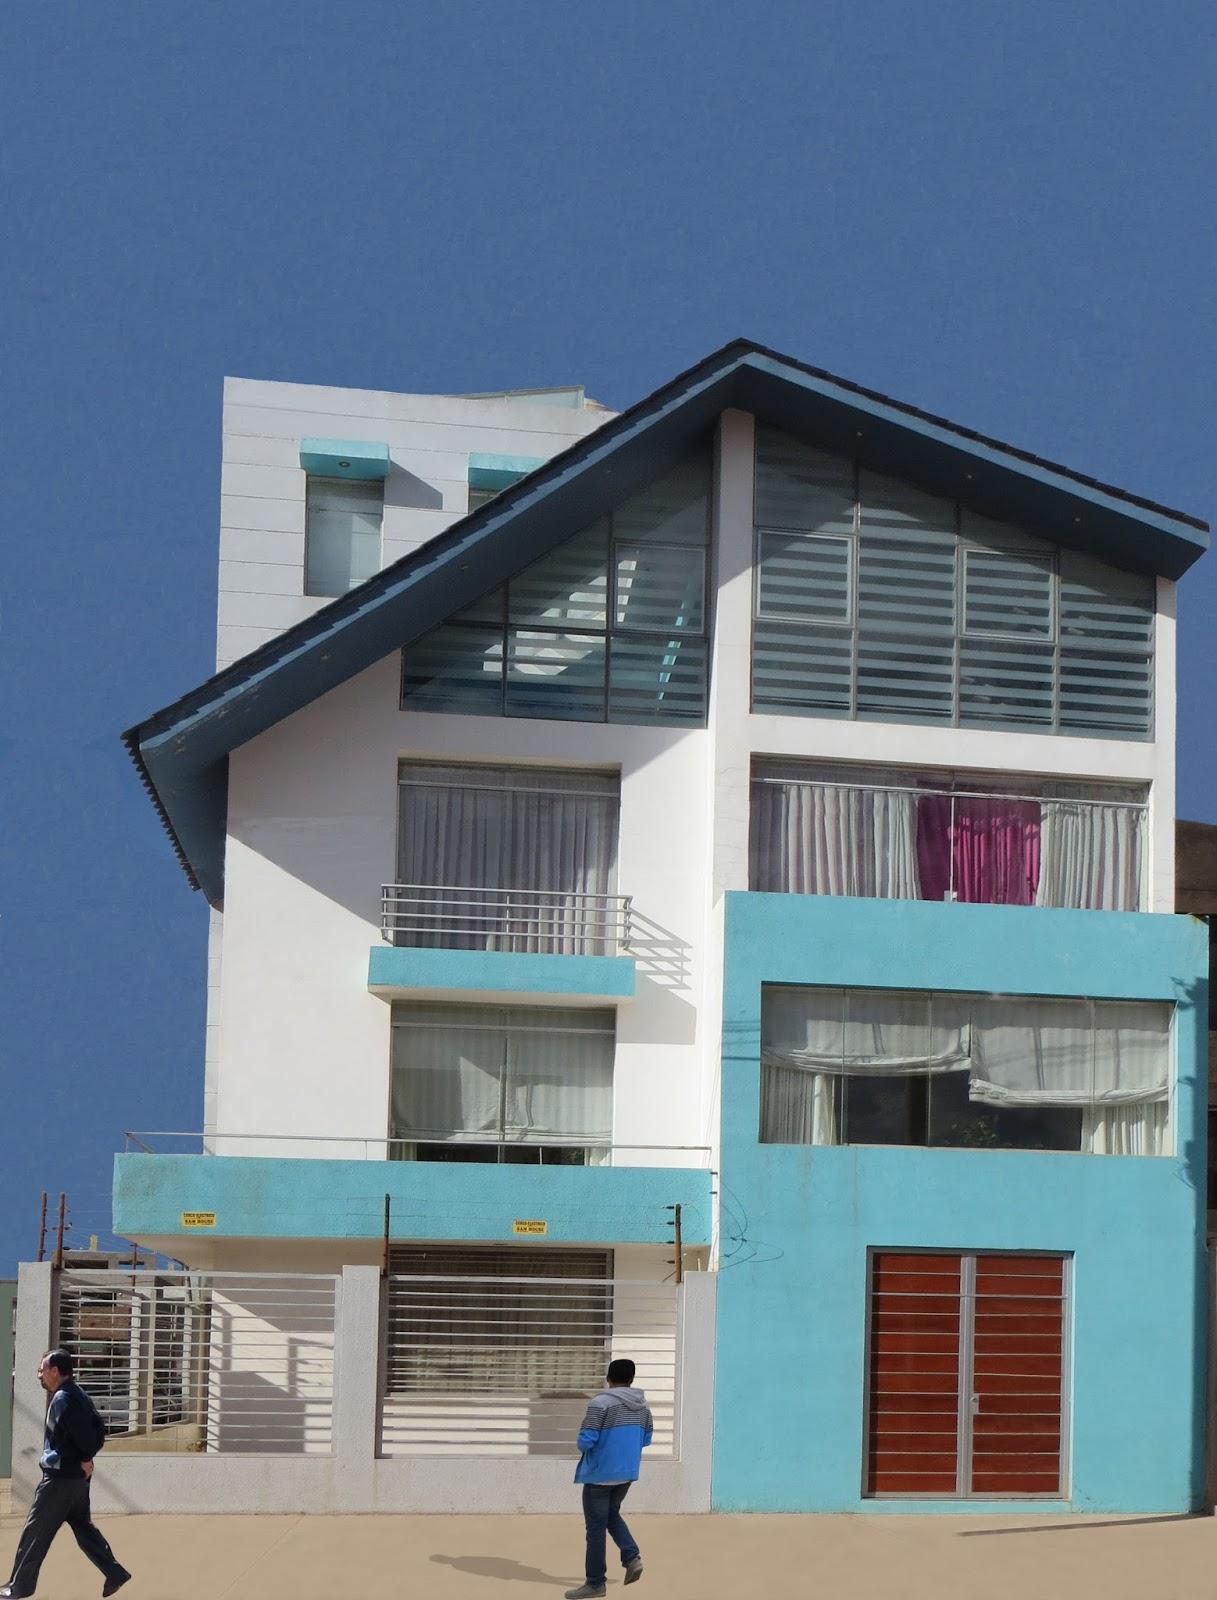 Fachadas y casas fachada de casa minimalista de cuatro pisos for Pisos para casas minimalistas